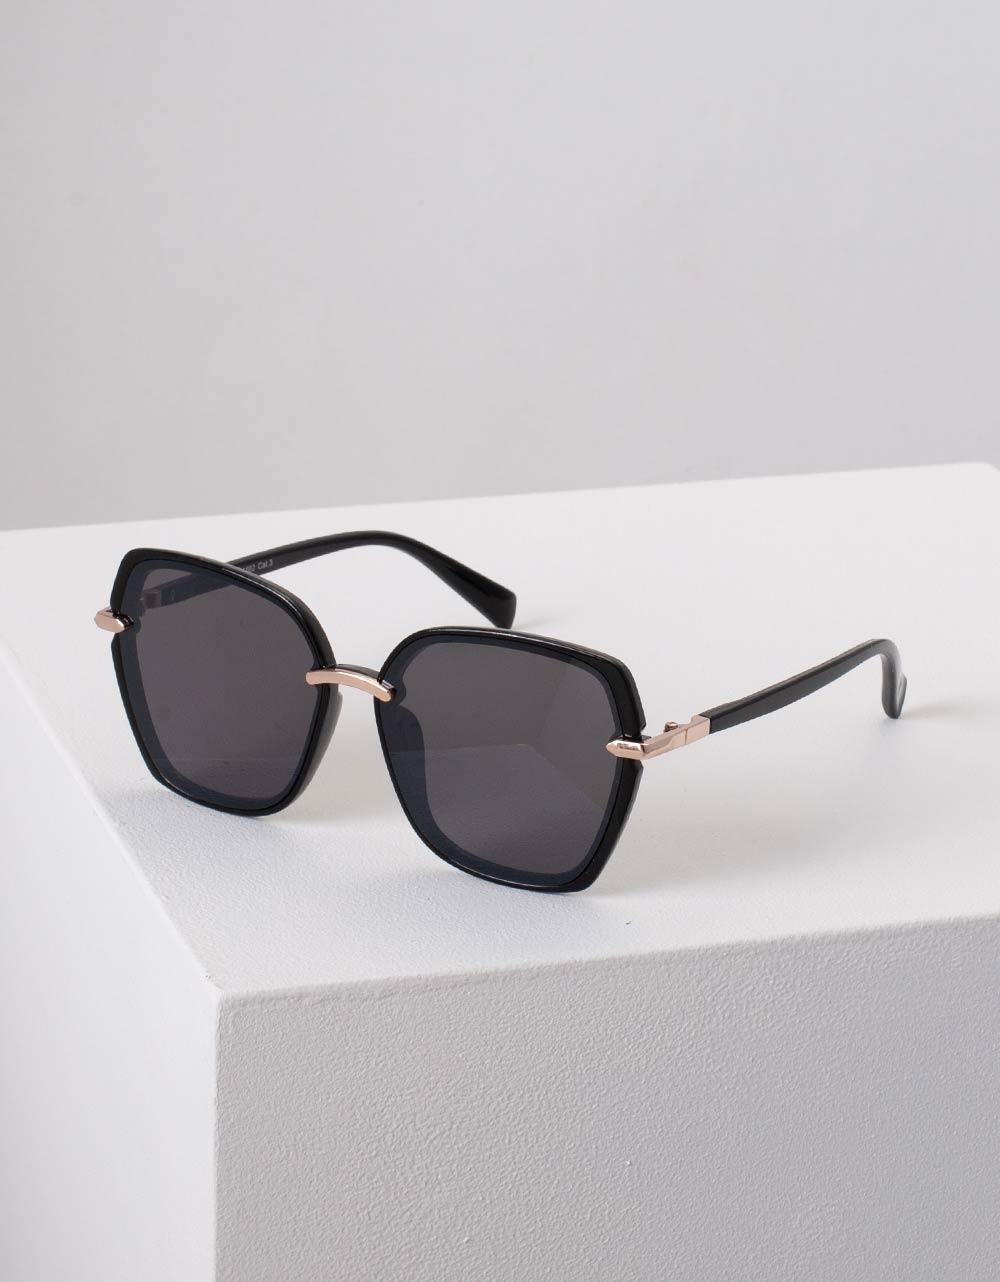 Εικόνα από Γυναικεία γυαλιά ηλίου με οβάλ σχήμα Μαύρο